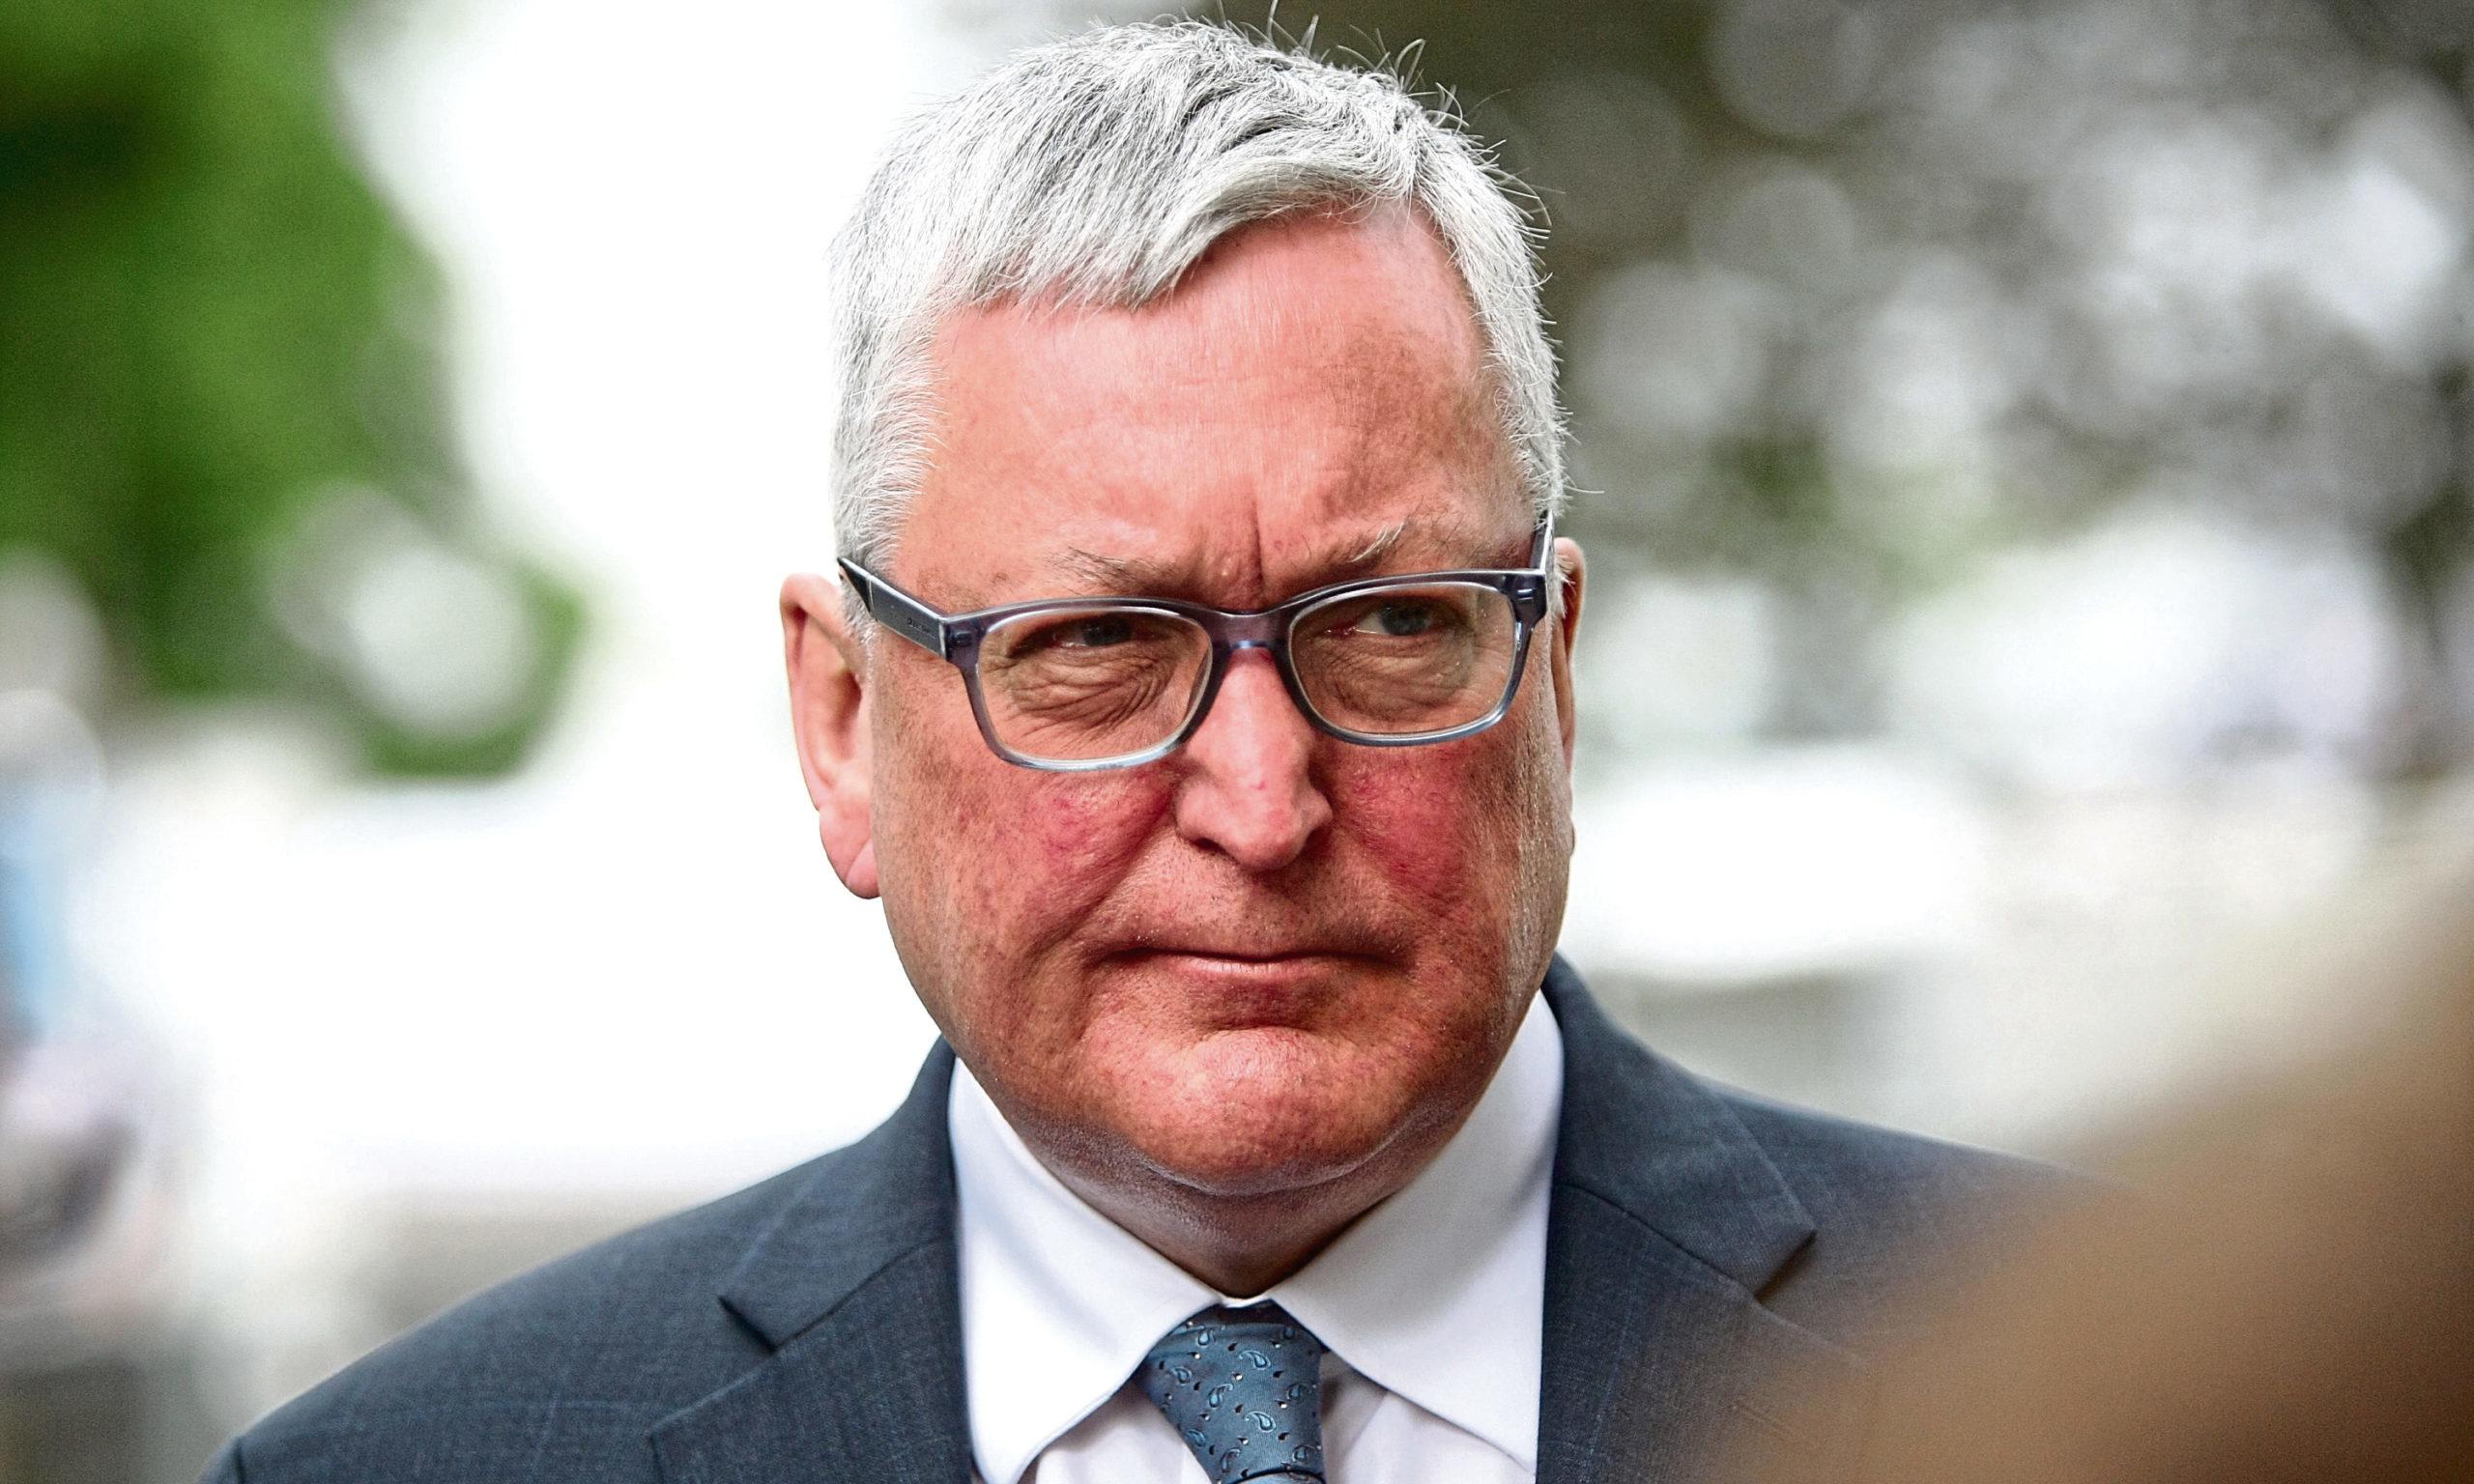 Tourism Secretary Fergus Ewing calls for furlough extension